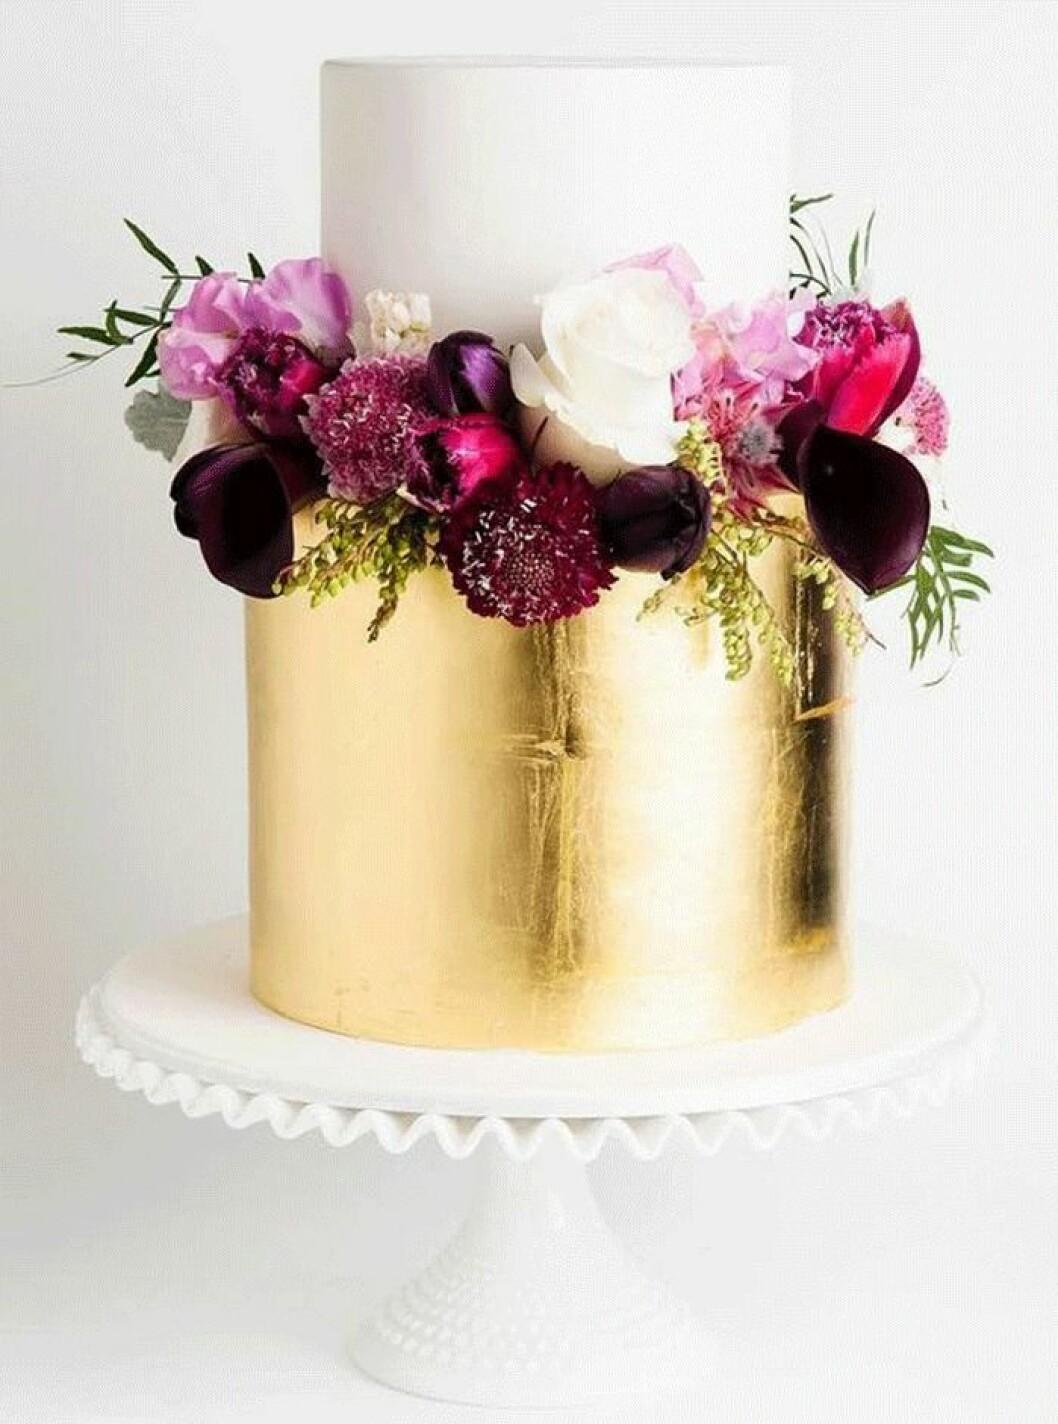 Stilrent med guldblad och blommor.